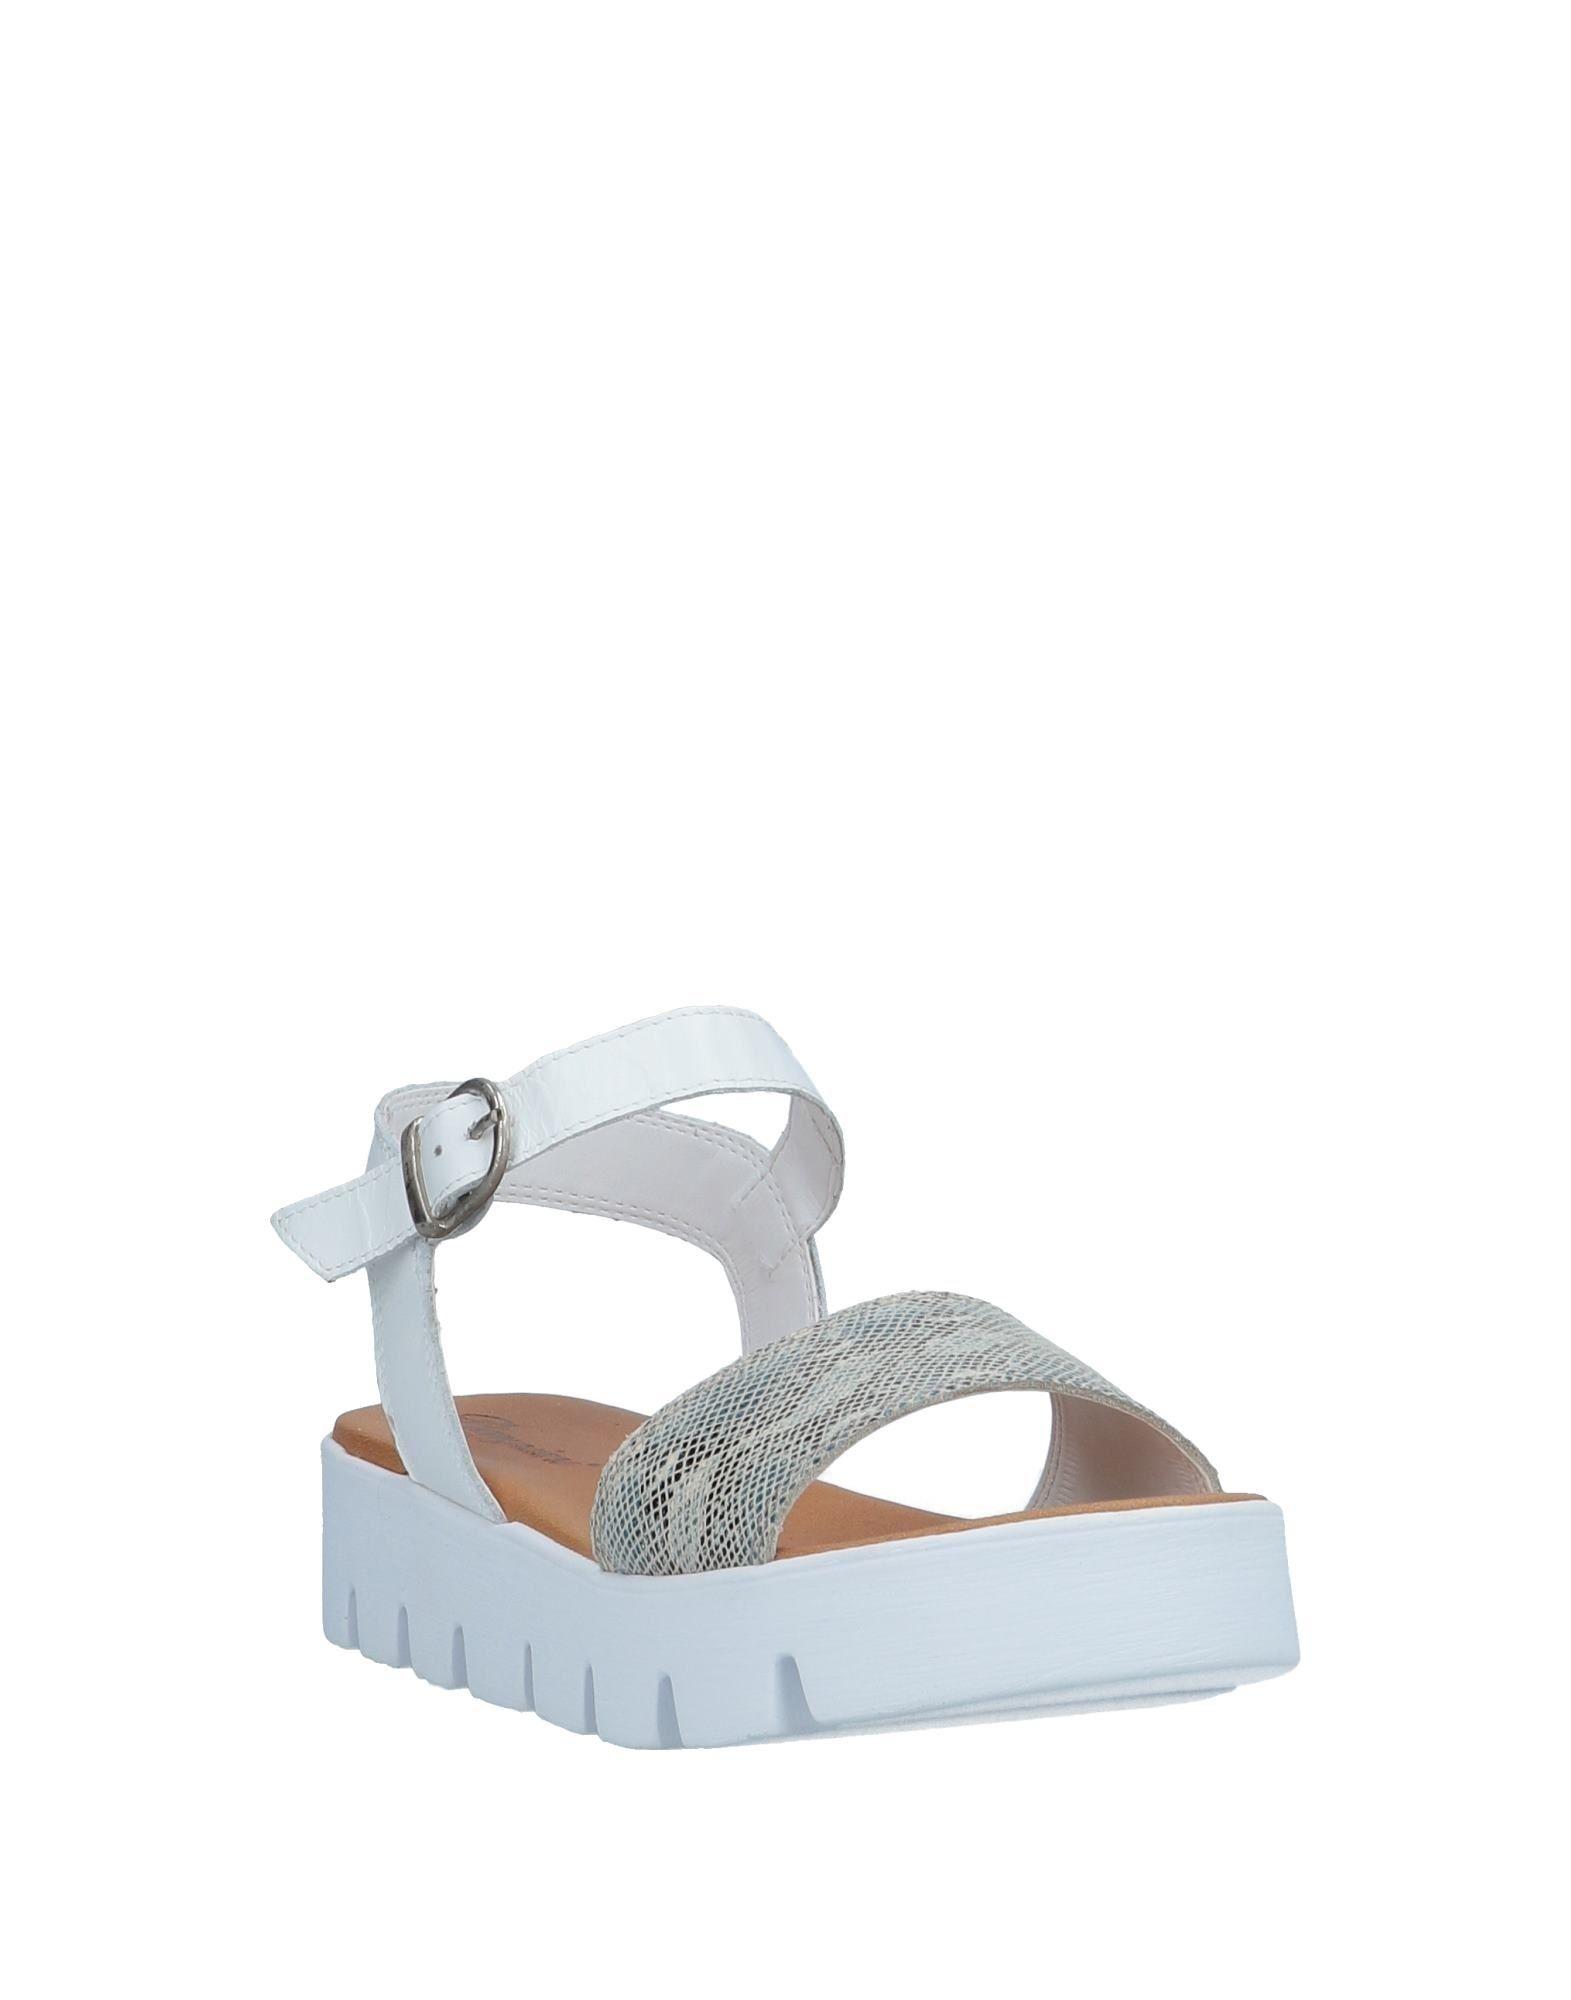 03a207b20 ... Piampiani Sandals - Women Women Women Piampiani Sandals online on  United Kingdom - 11571152IK d1ab84 ...